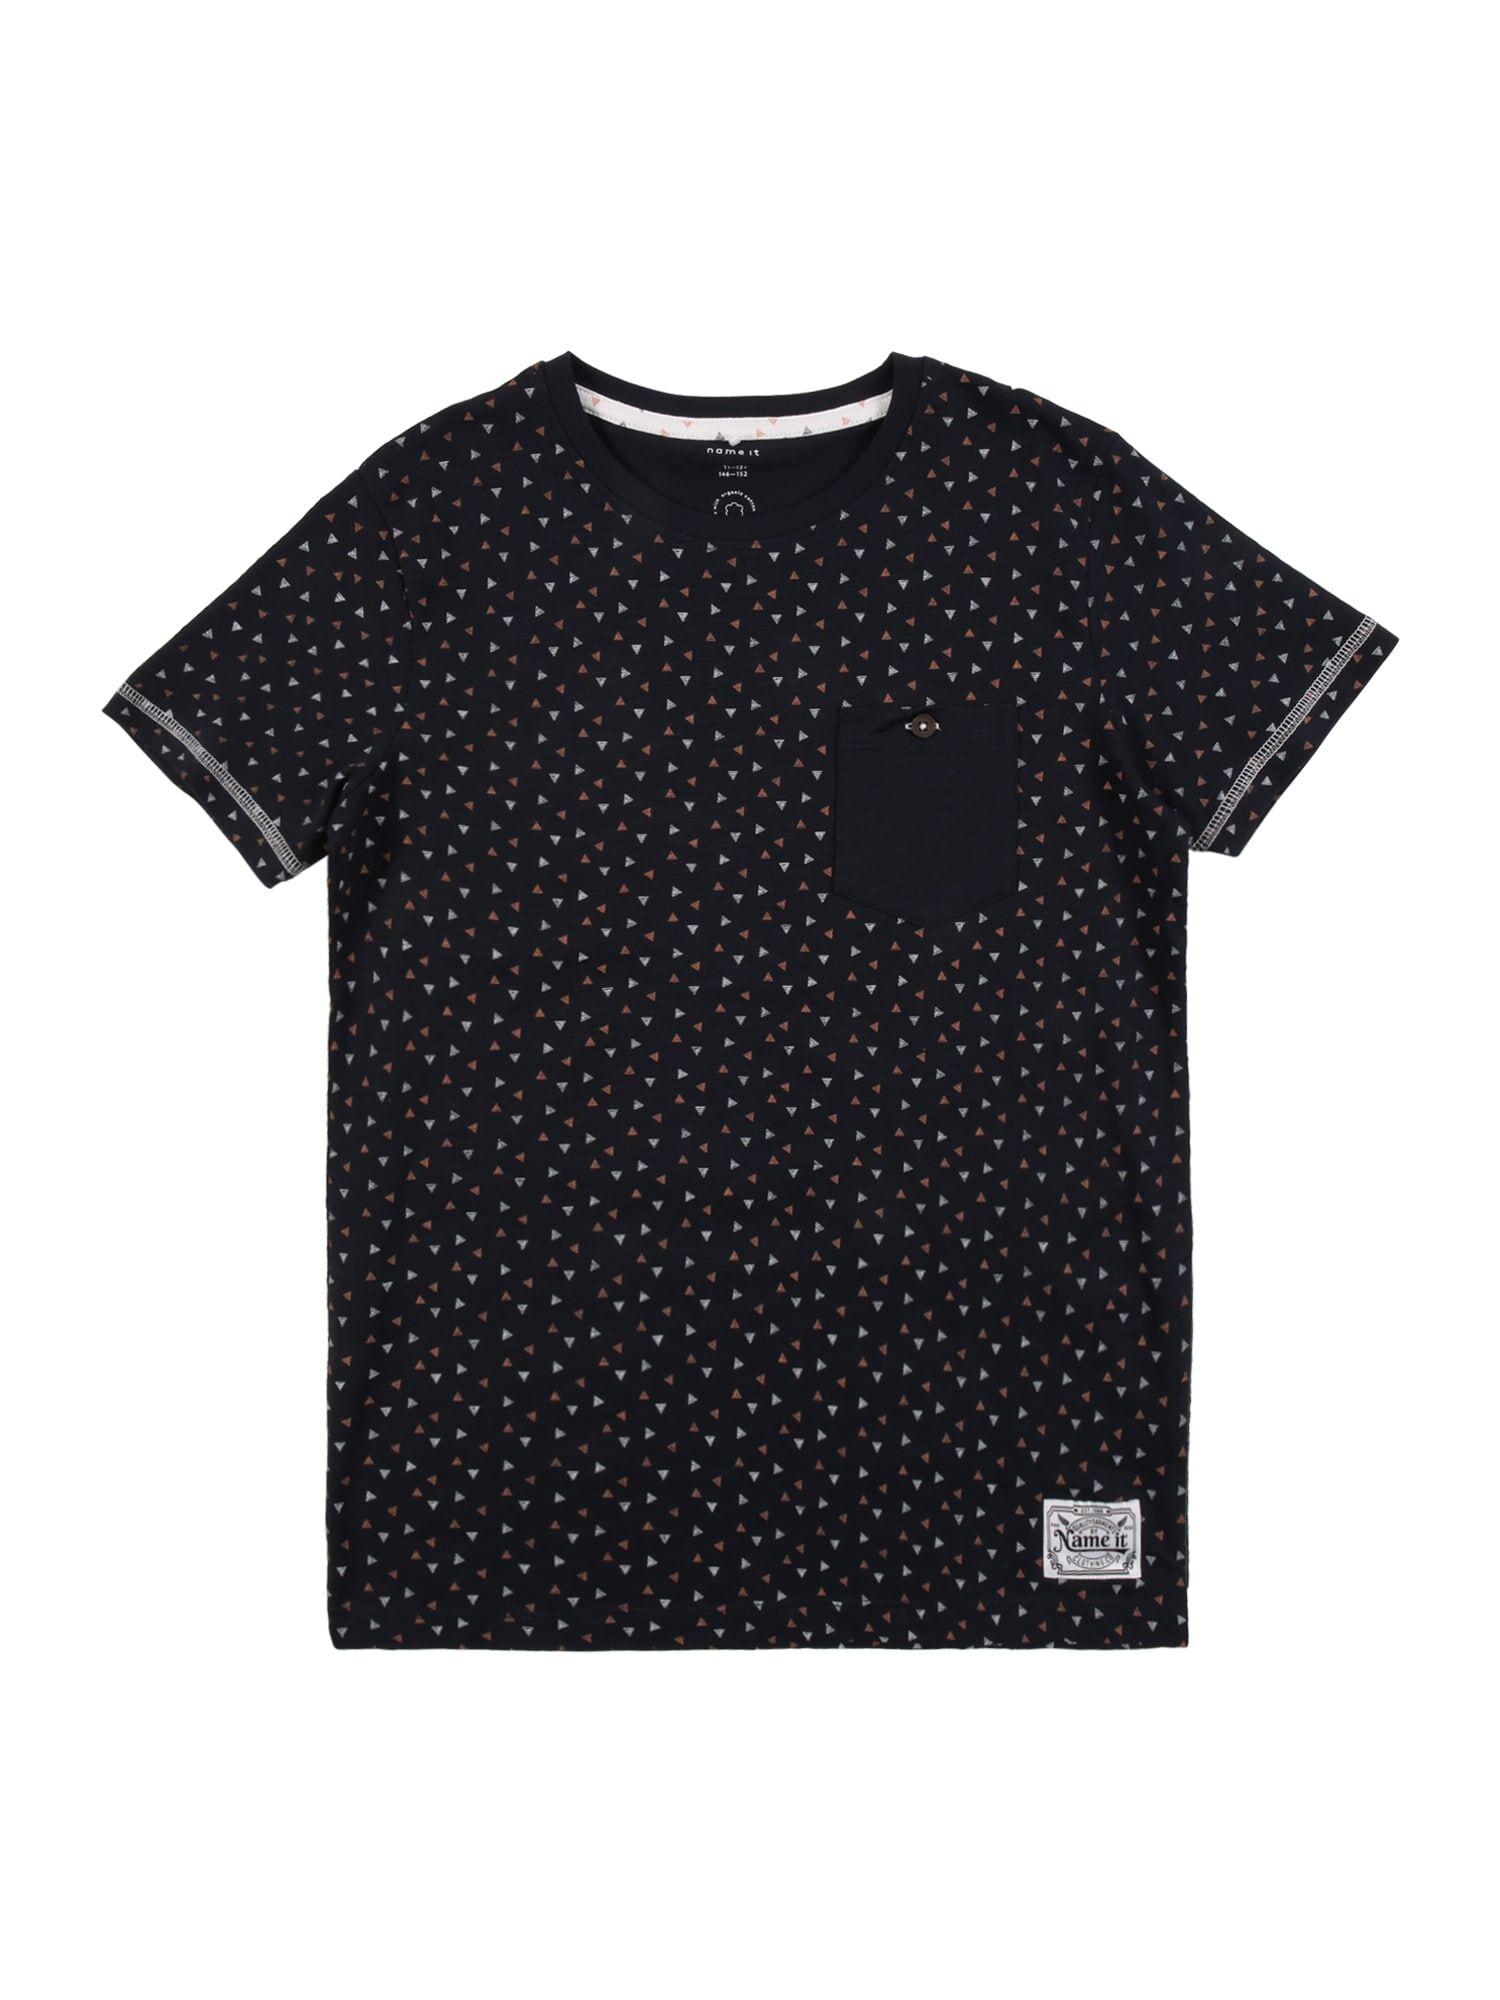 NAME IT T-Shirt 'TRUMAN'  - Bleu - Taille: 138 - boy